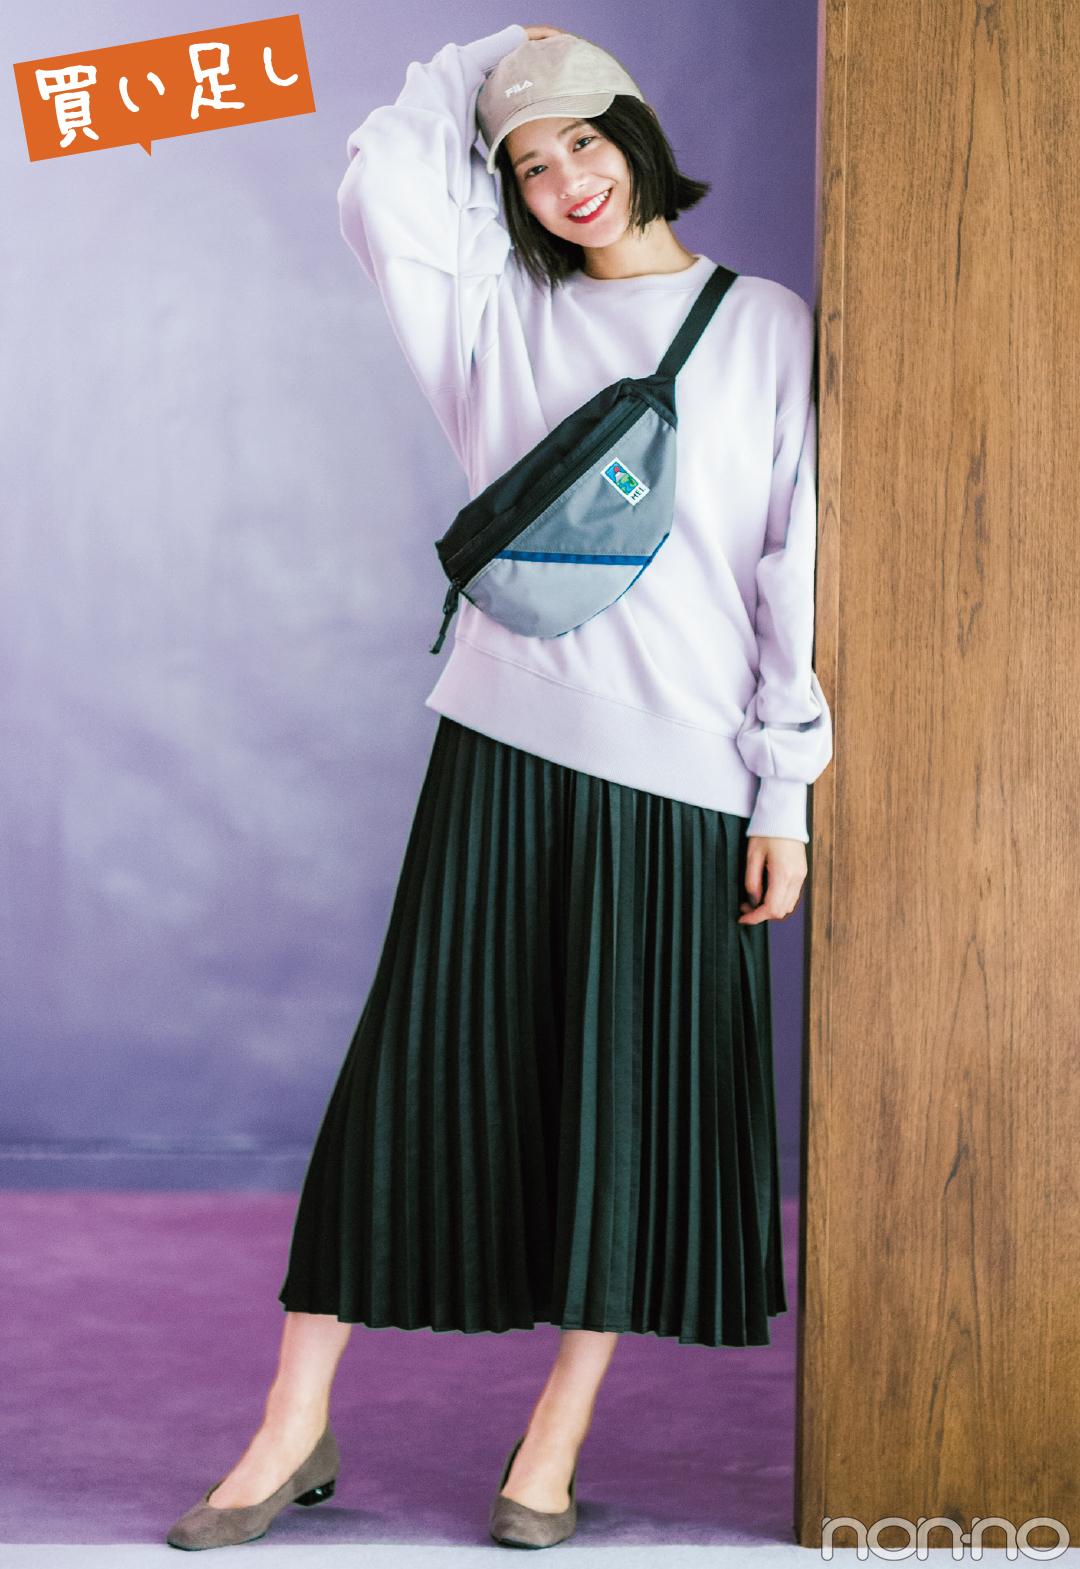 スウェットを着ると子供っぽく見えちゃう! 正解コーデルールはコチラ★_1_2